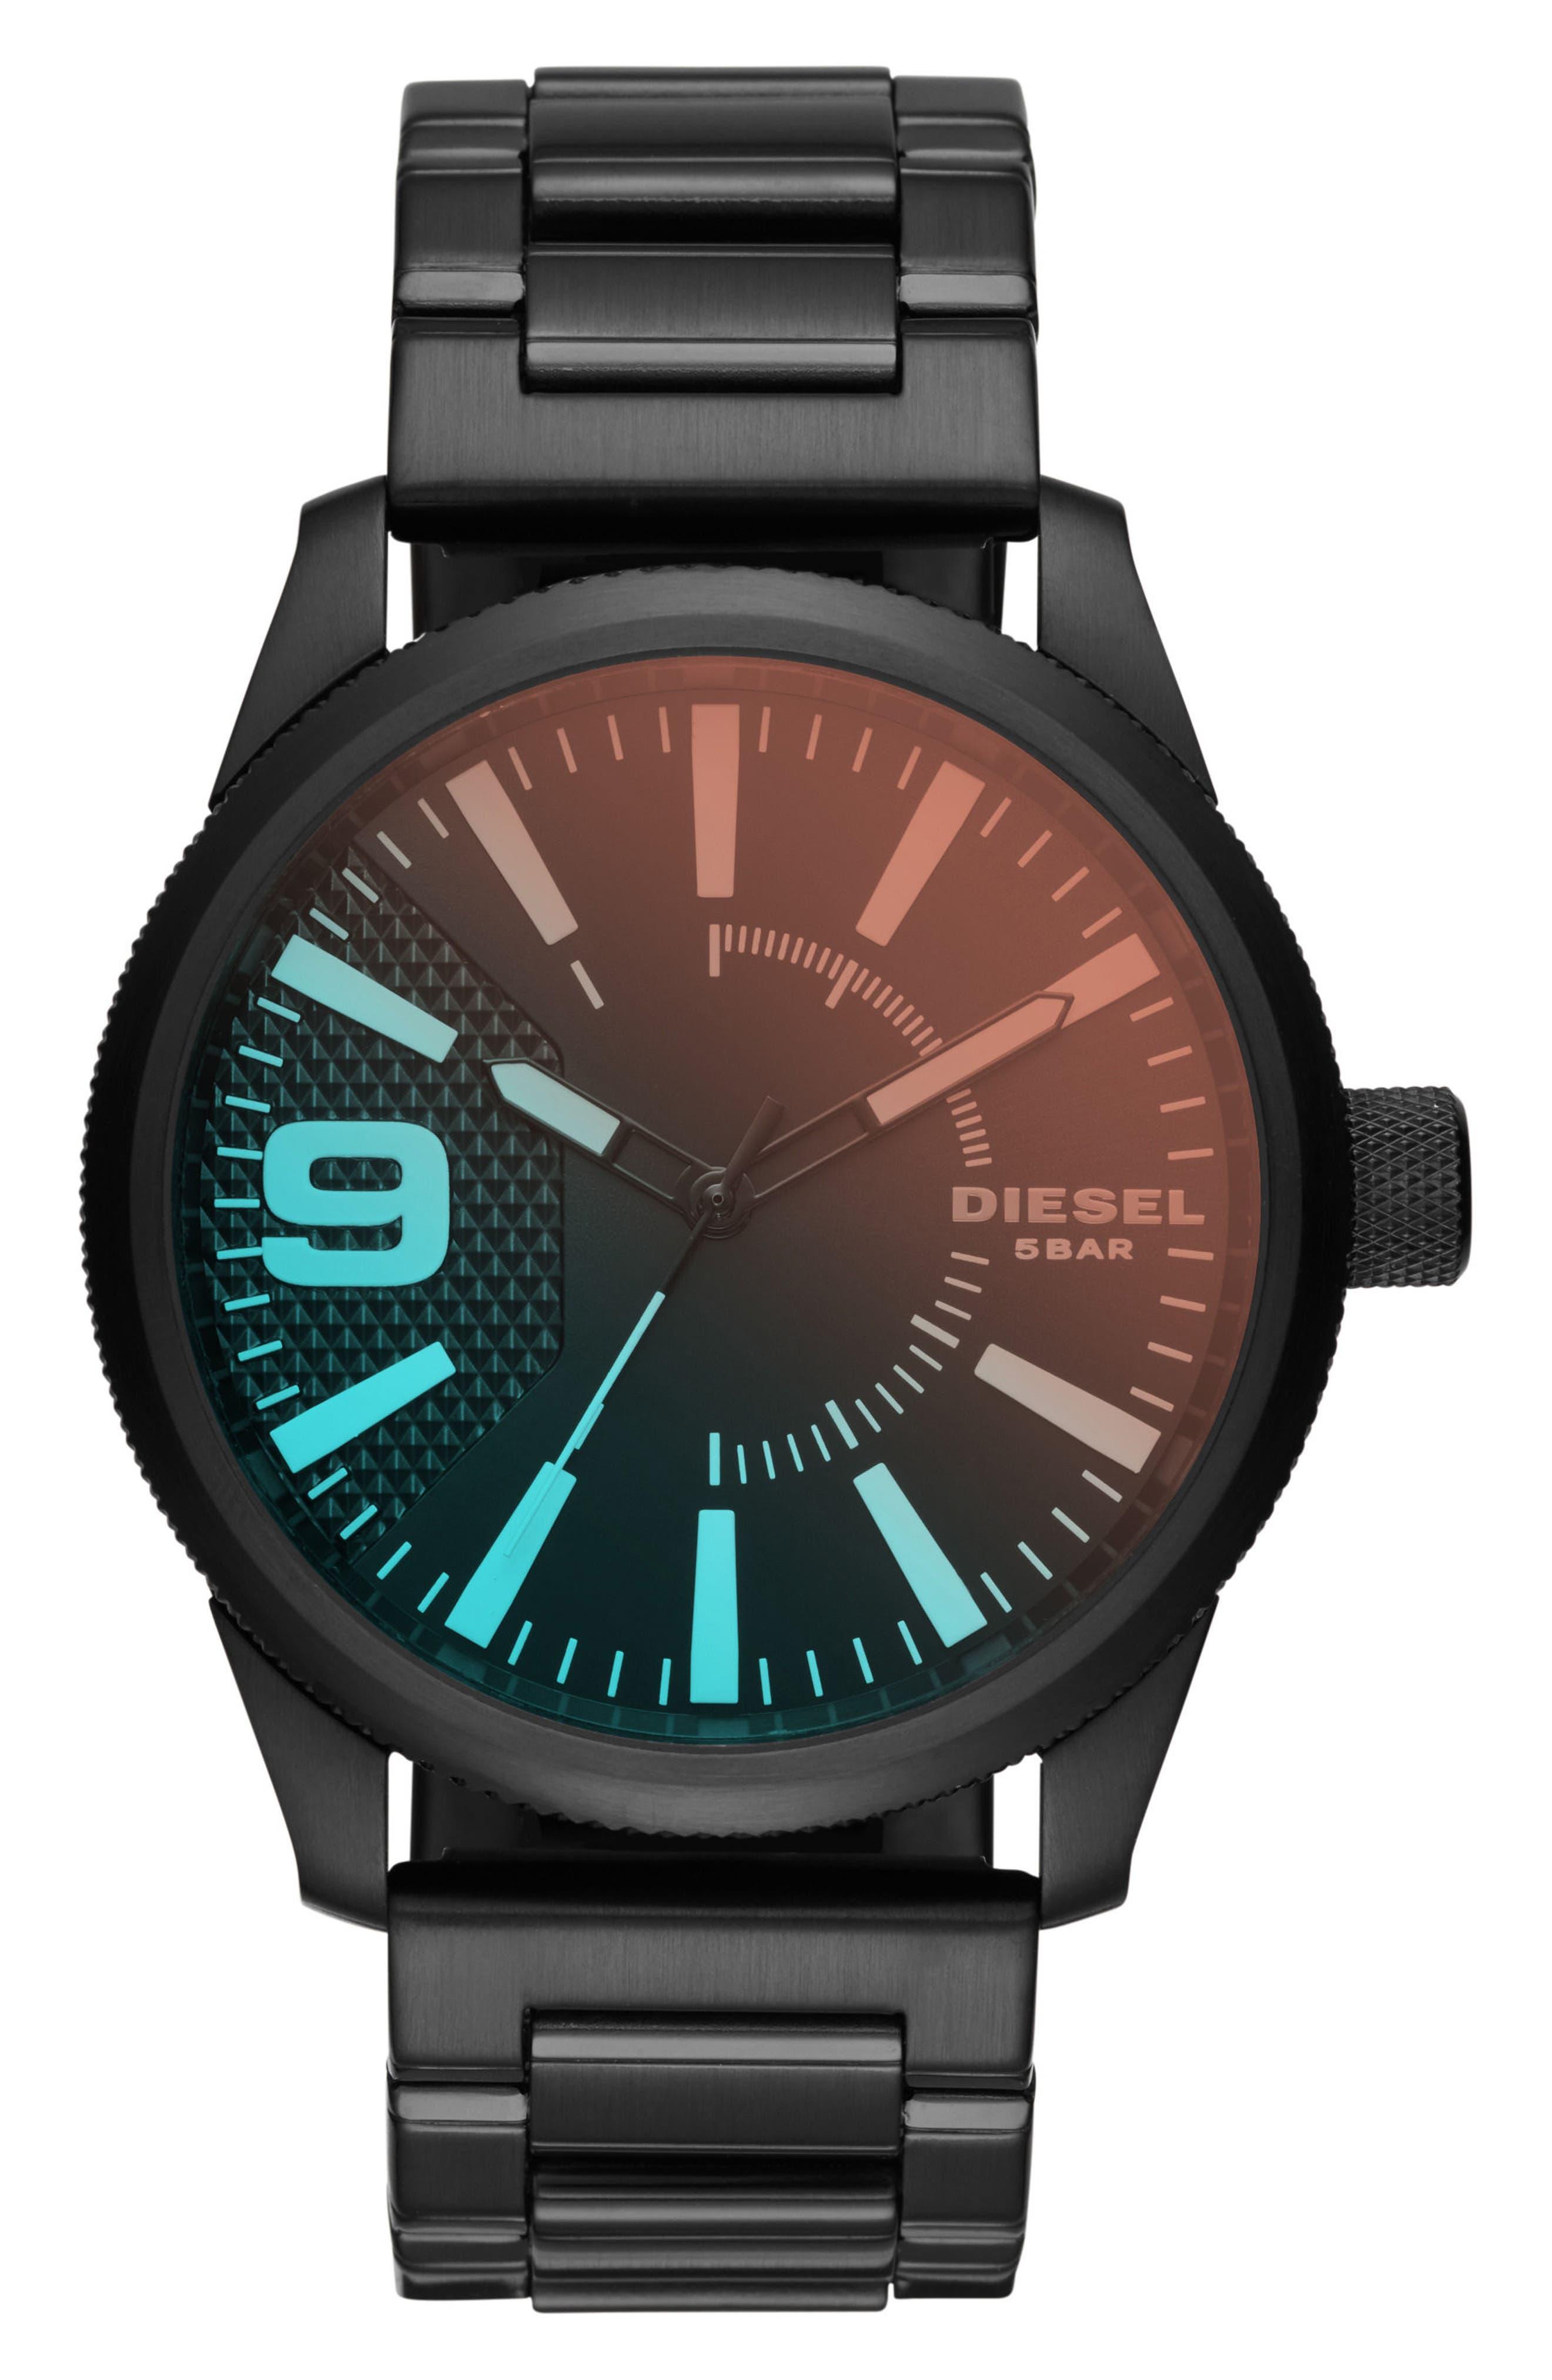 DIESEL® Rasp Bracelet Strap Watch, 46mm x 53mm